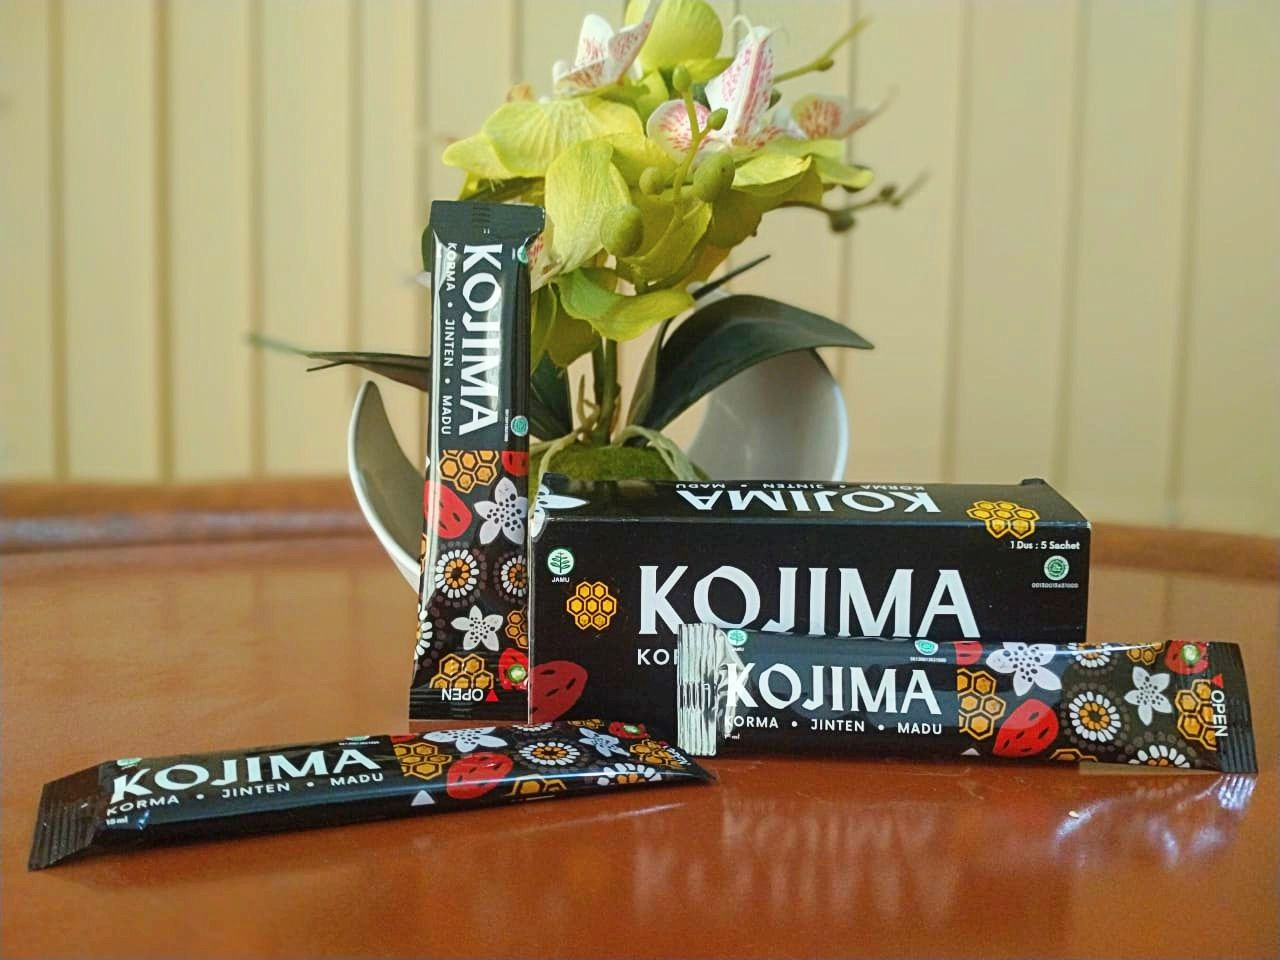 Madu Kojima (sumber: dokpri)